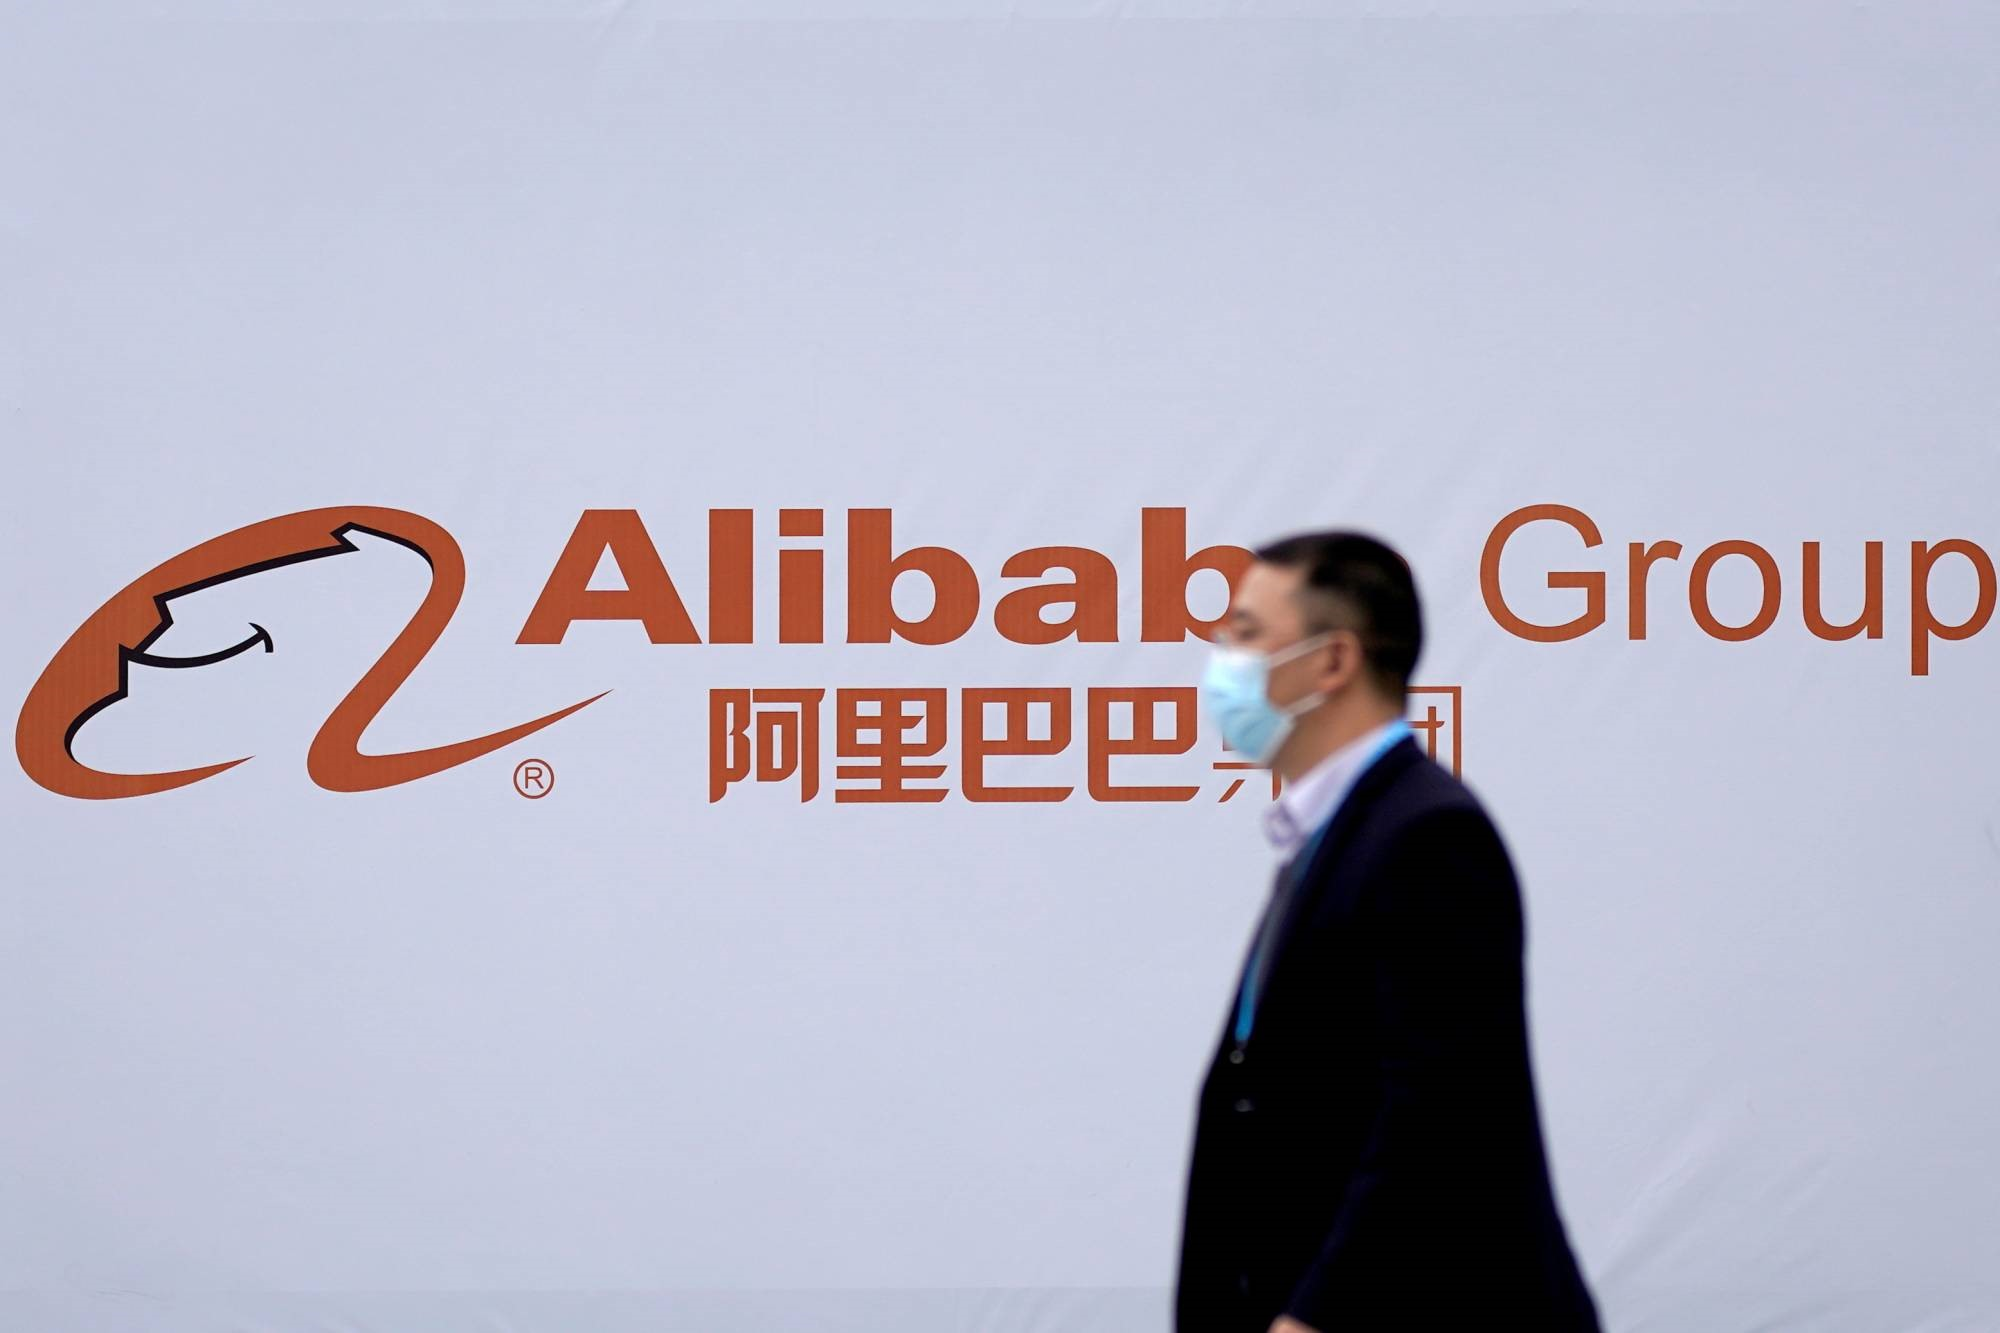 Bắc Kinh đang gửi thông điệp đến các công ty công nghệ khác khi mạnh tay với Alibaba. Ảnh: Reuters.